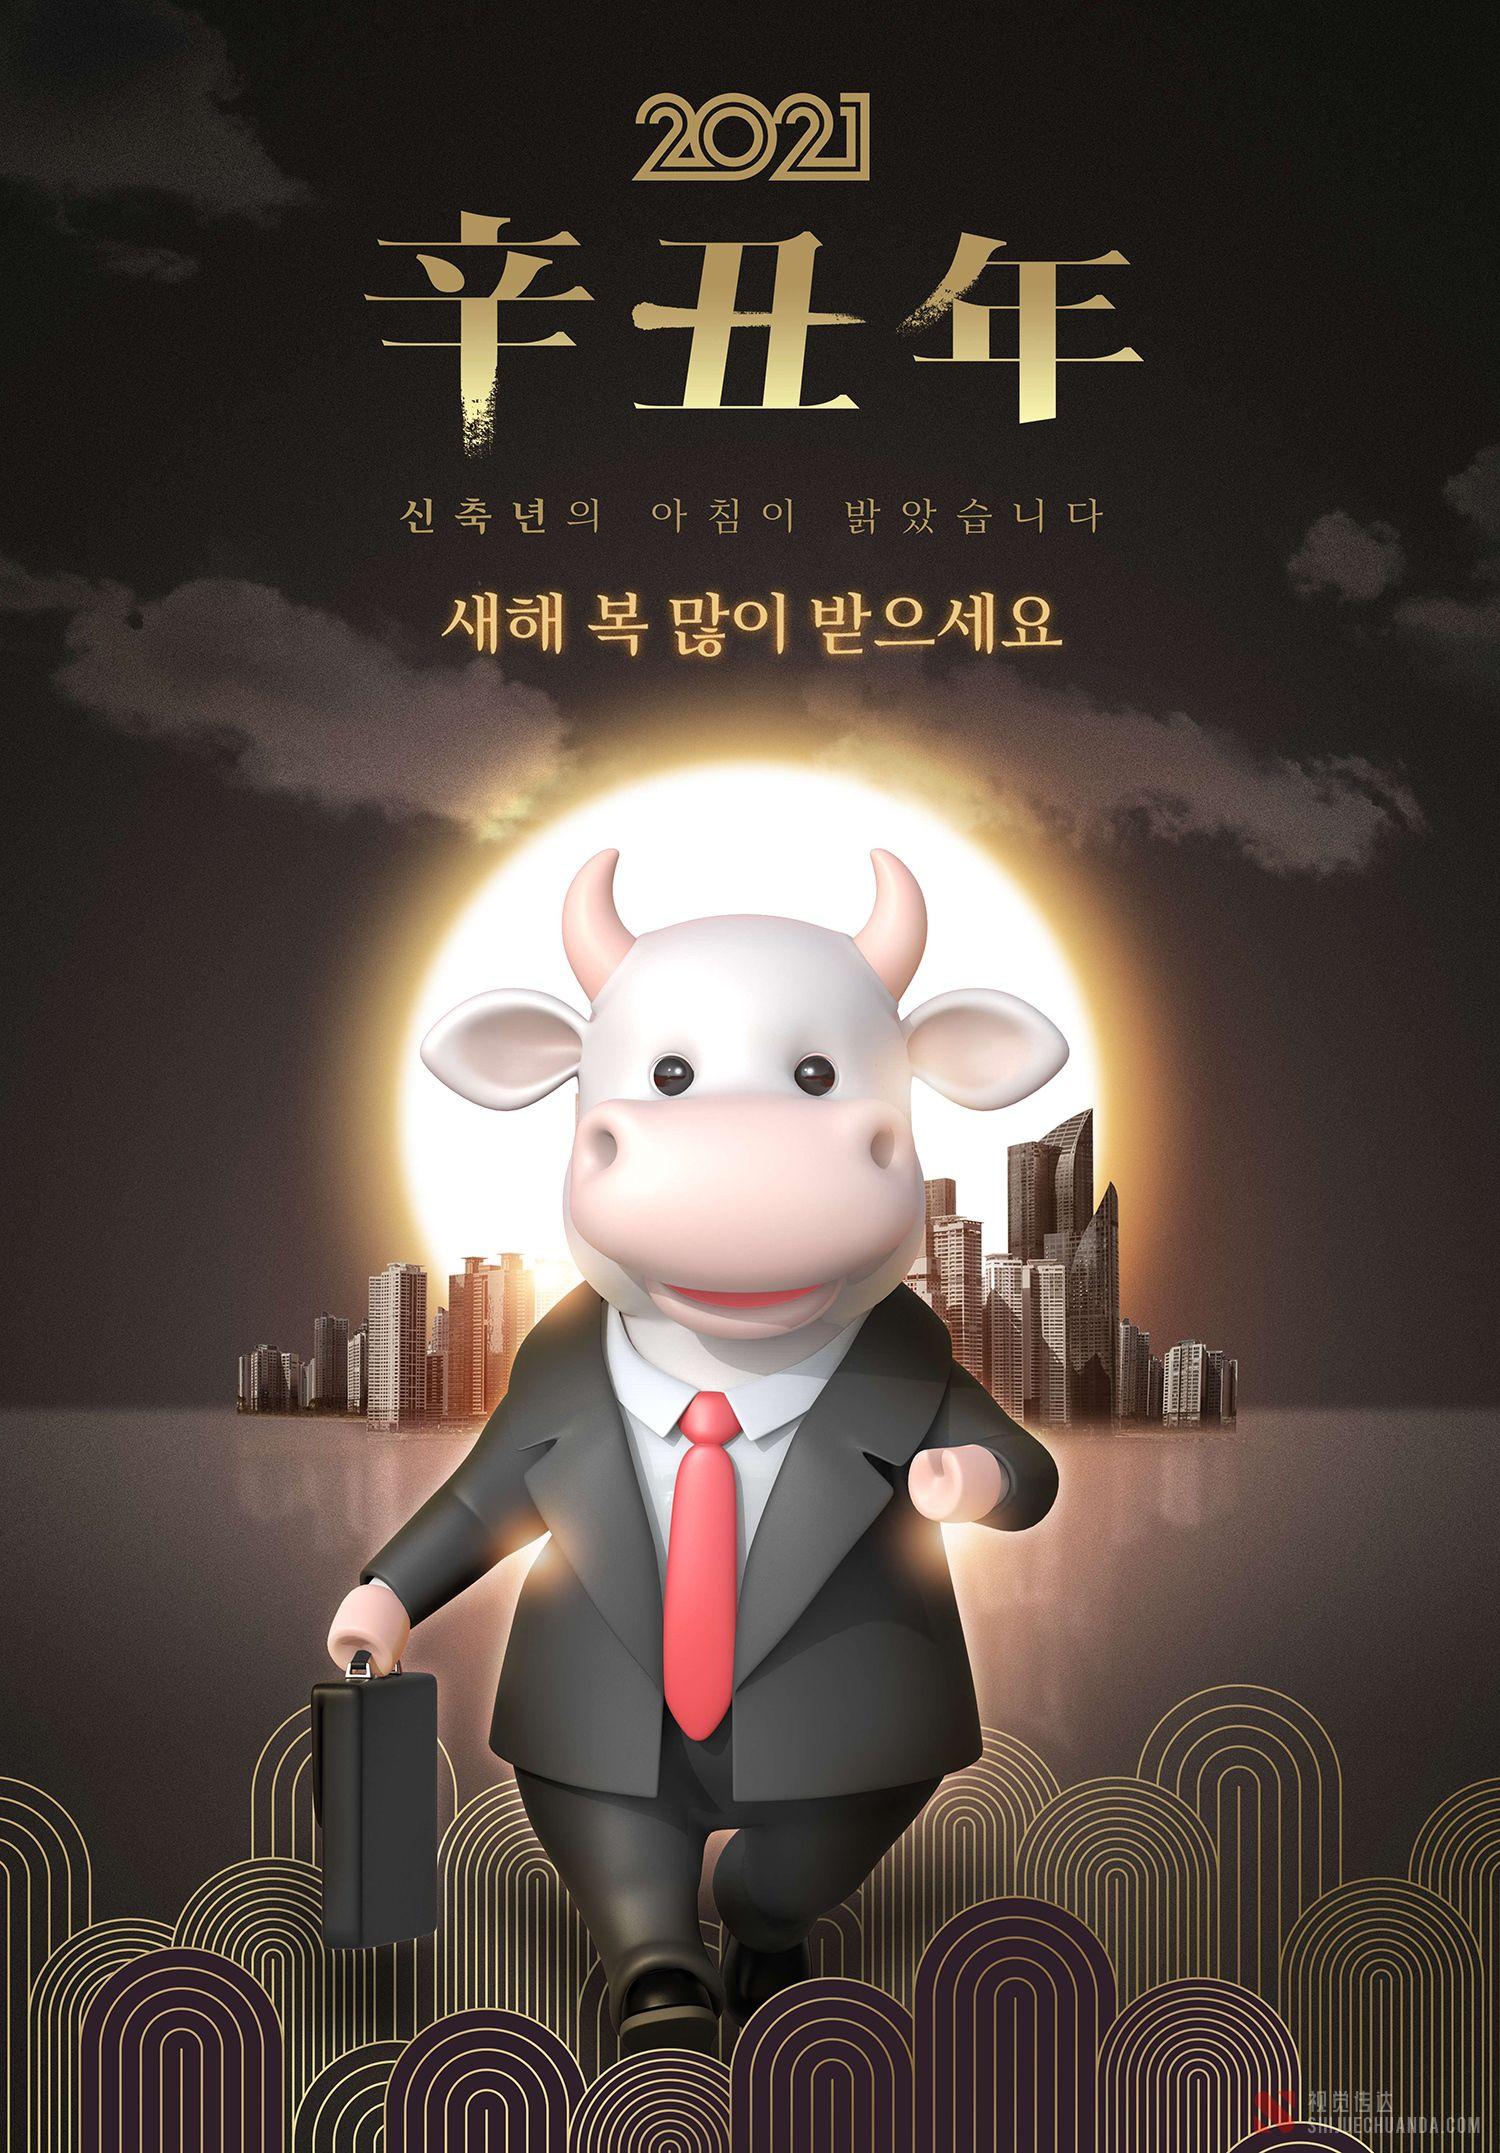 12款2021新年3D卡通辛丑牛年海报PSD模板